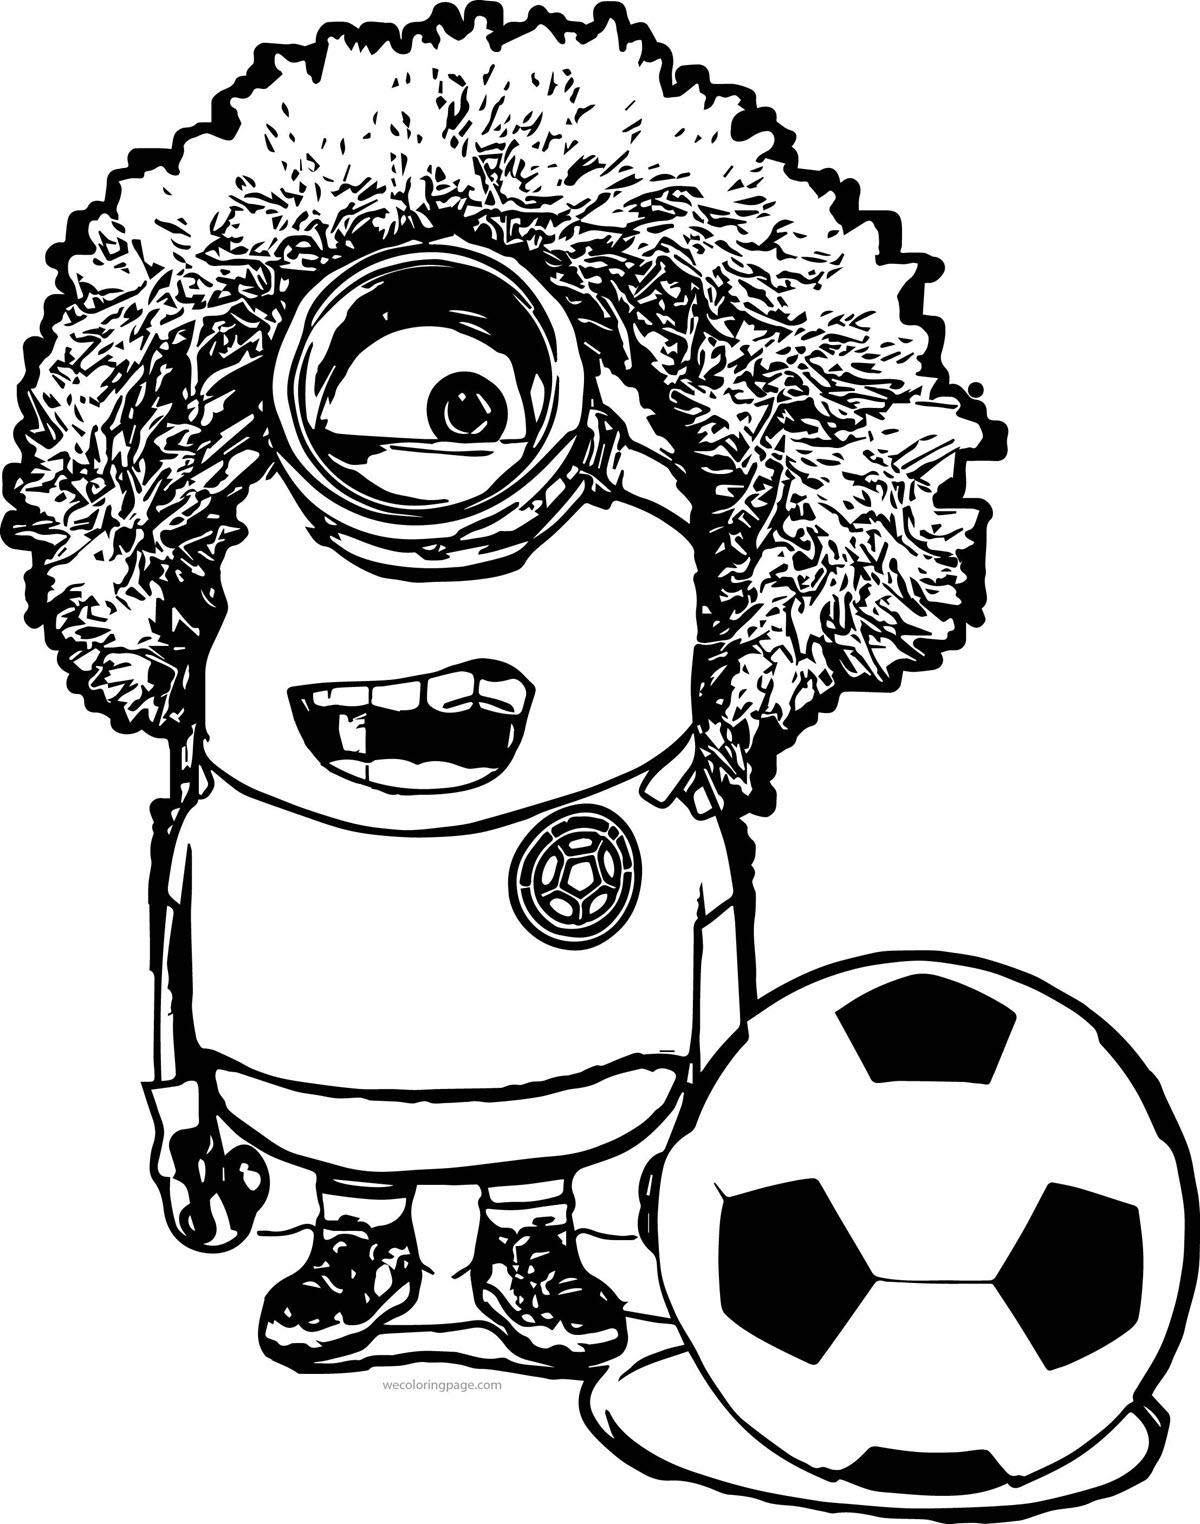 Tranh tô màu minion bóng đá